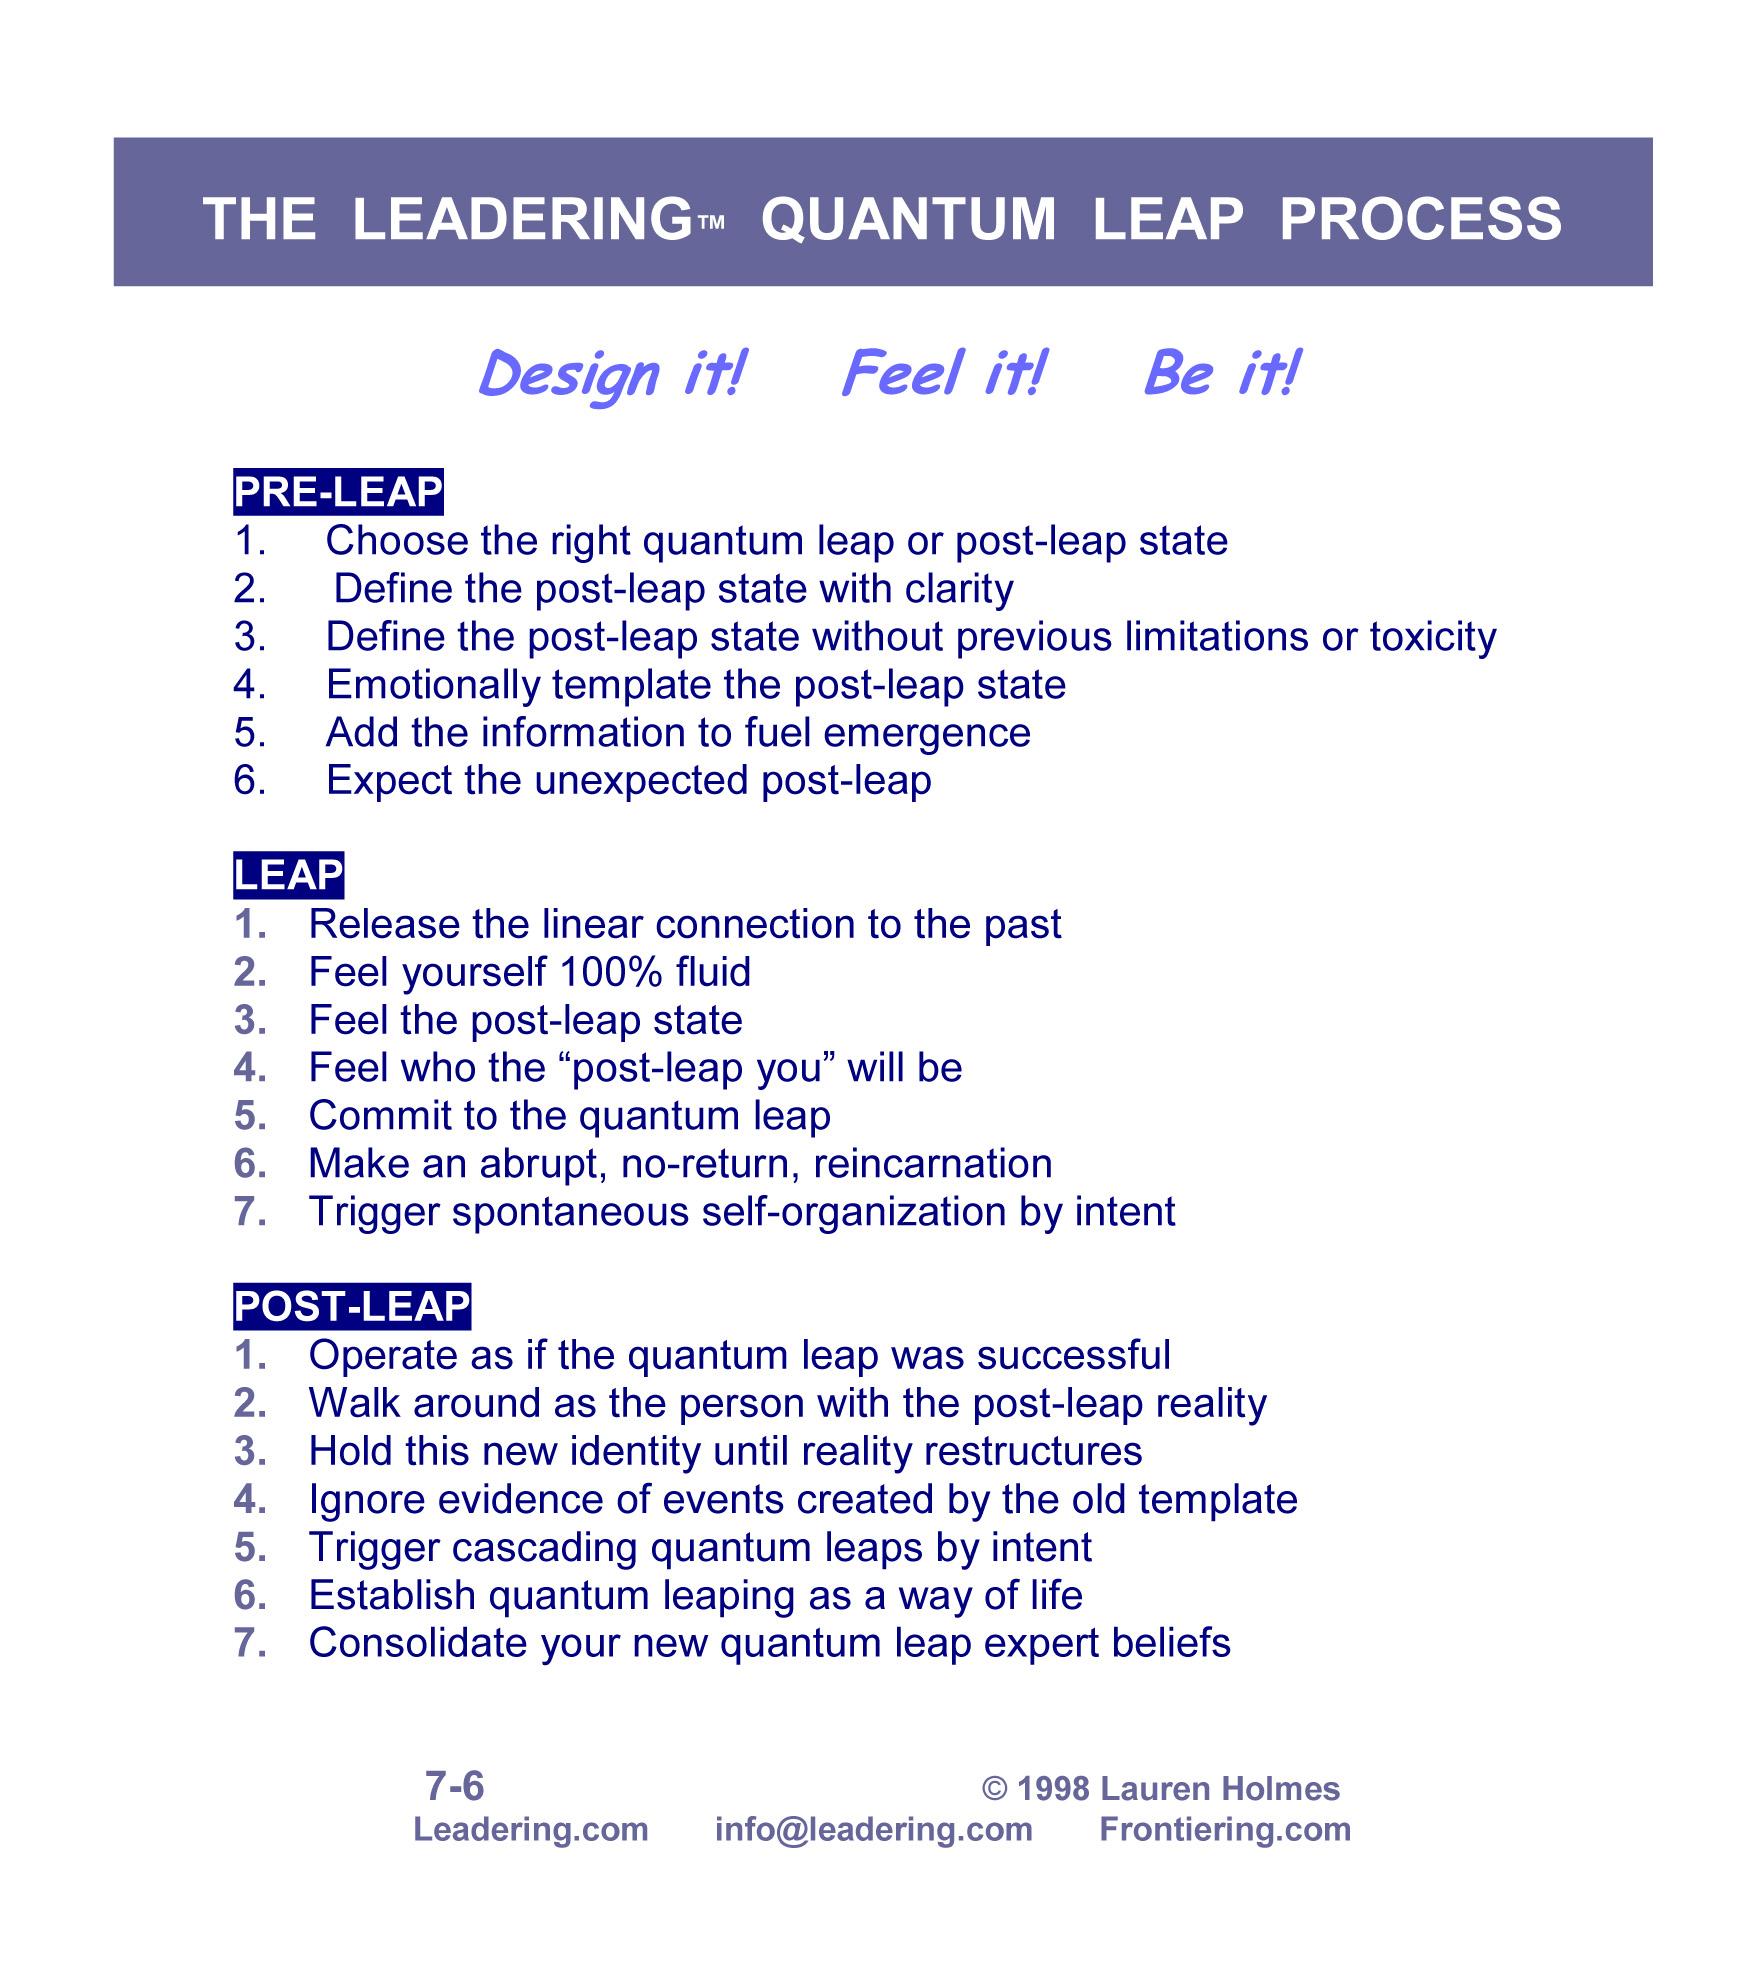 QUANTUM LEAP STEPS